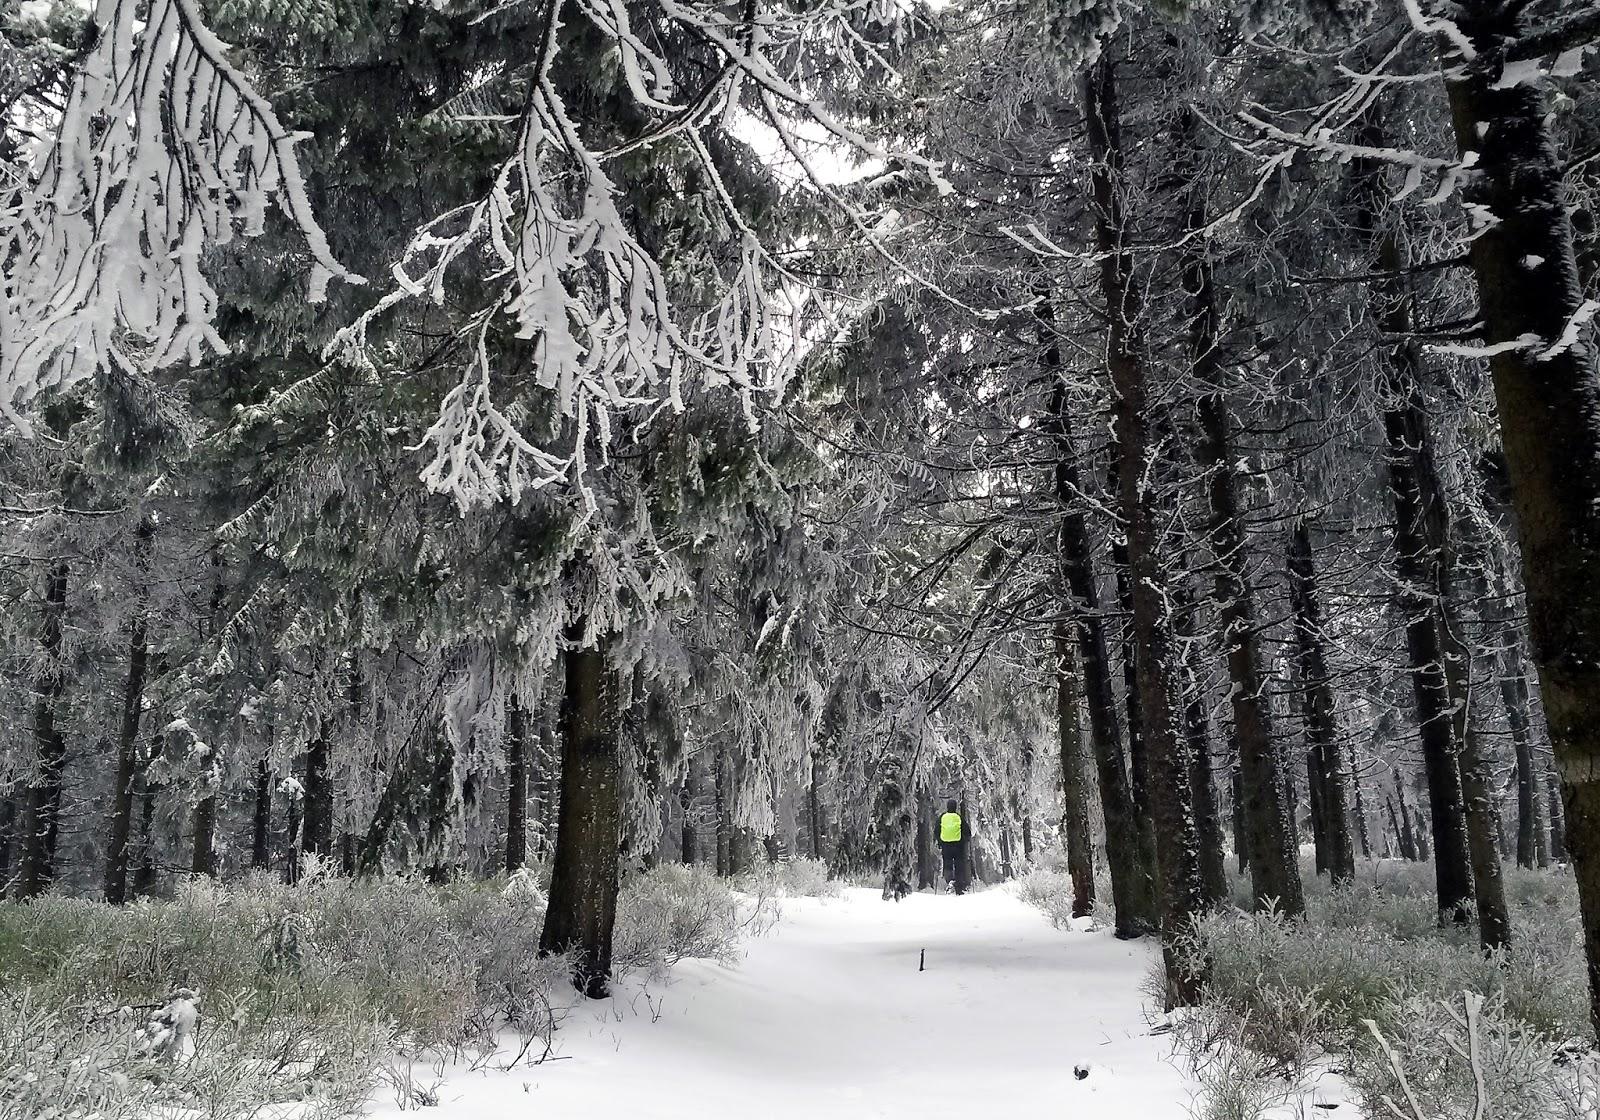 Góry Las Radziejowa Beskid Sądecki